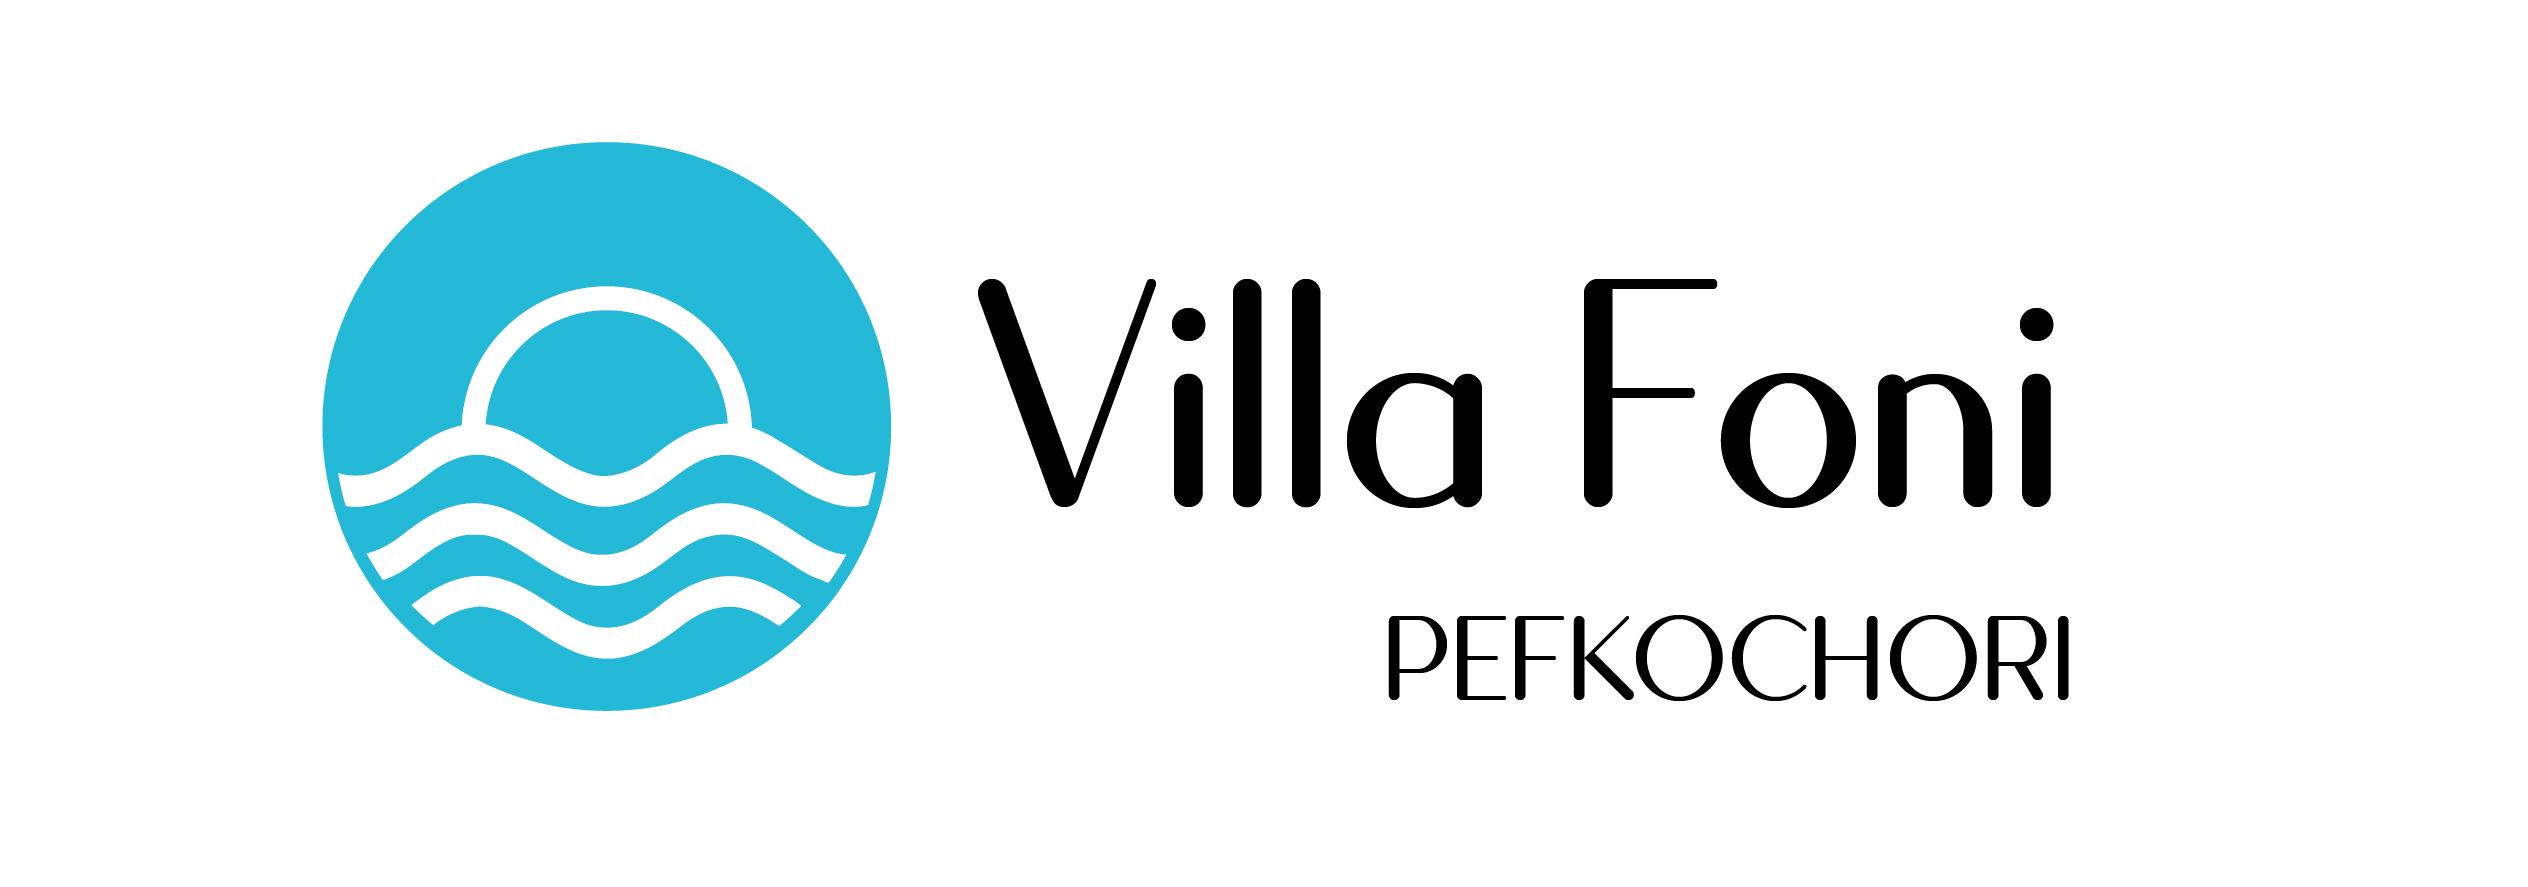 Villa Foni